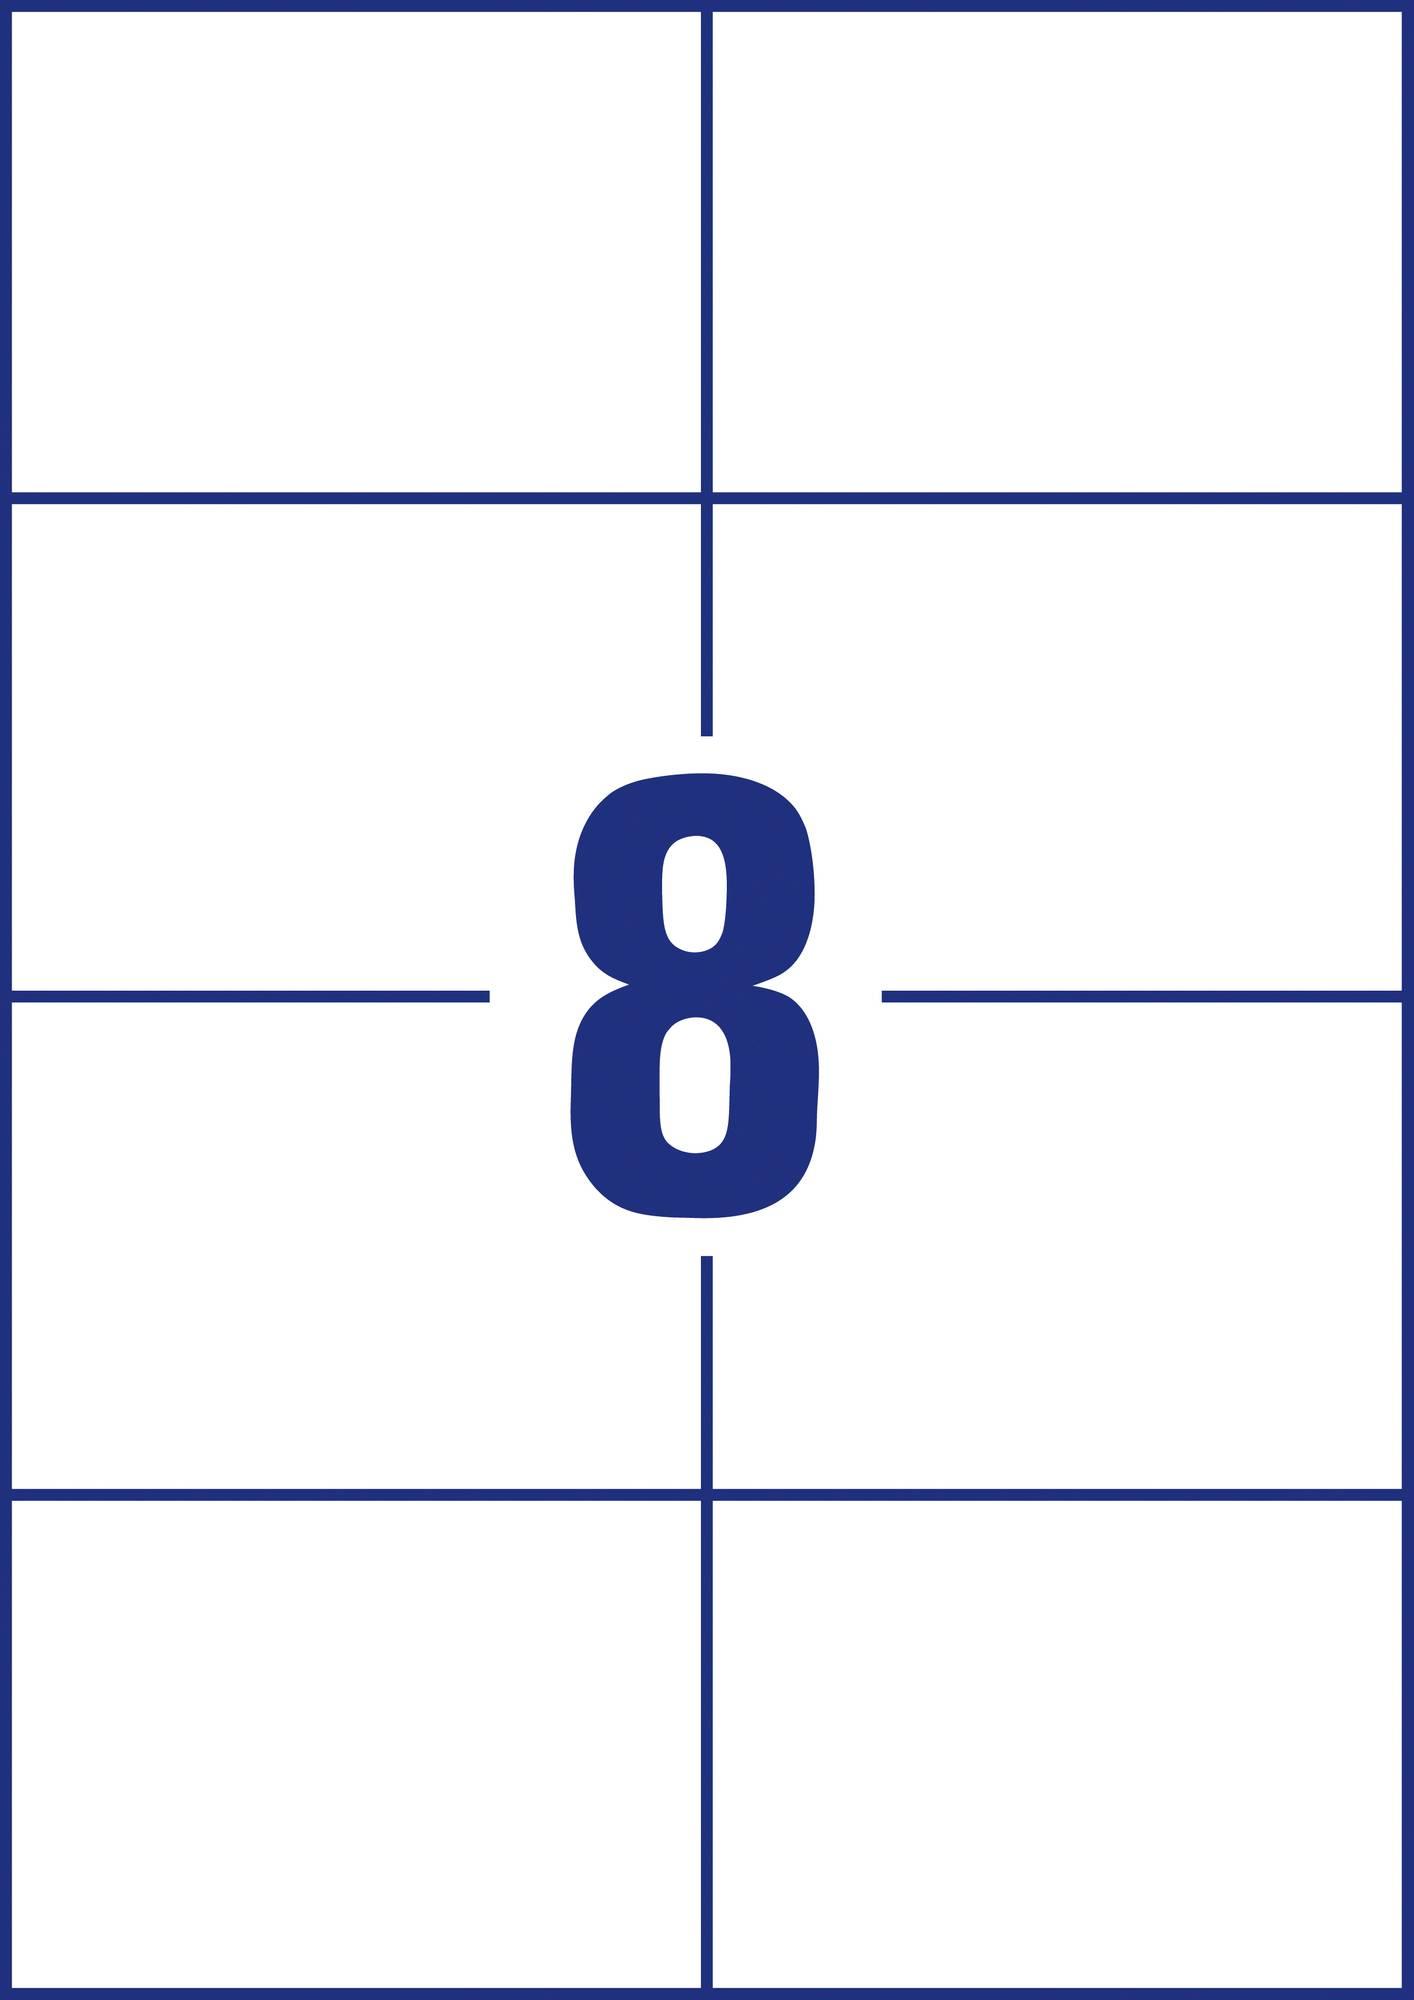 Weiße Avery Zweckform 3427-200 Universal-Etiketten, 105 x 74 mm, 8 Etiketten pro Blatt